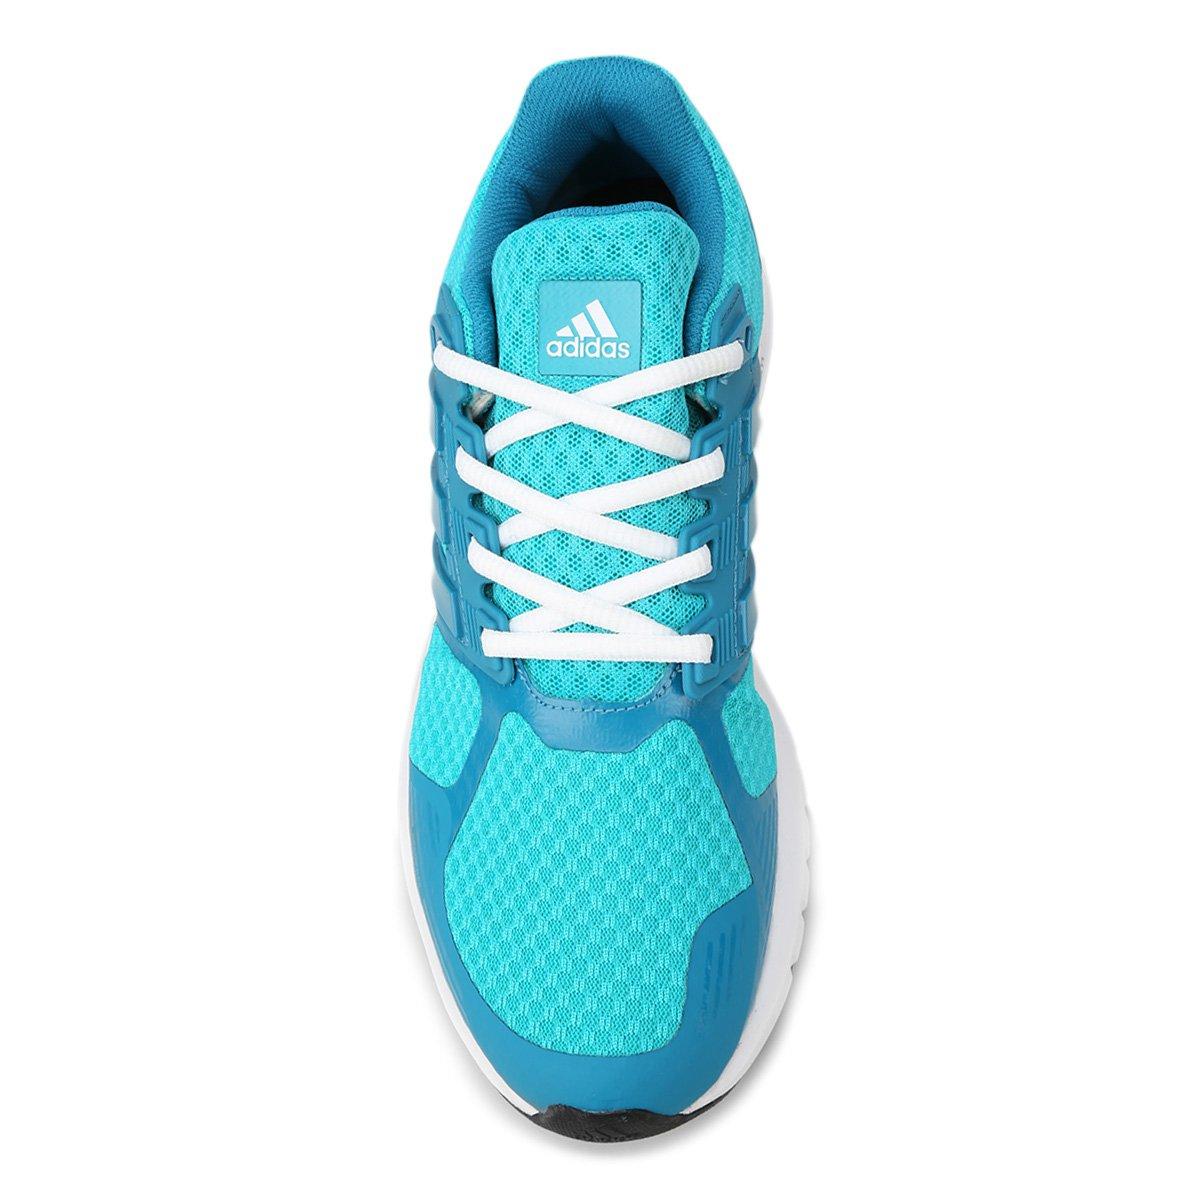 ... Tênis Adidas Duramo 8 Feminino. Tênis Adidas Duramo 8 Feminino - Azul  Piscina+Azul Claro 949e9817759c8